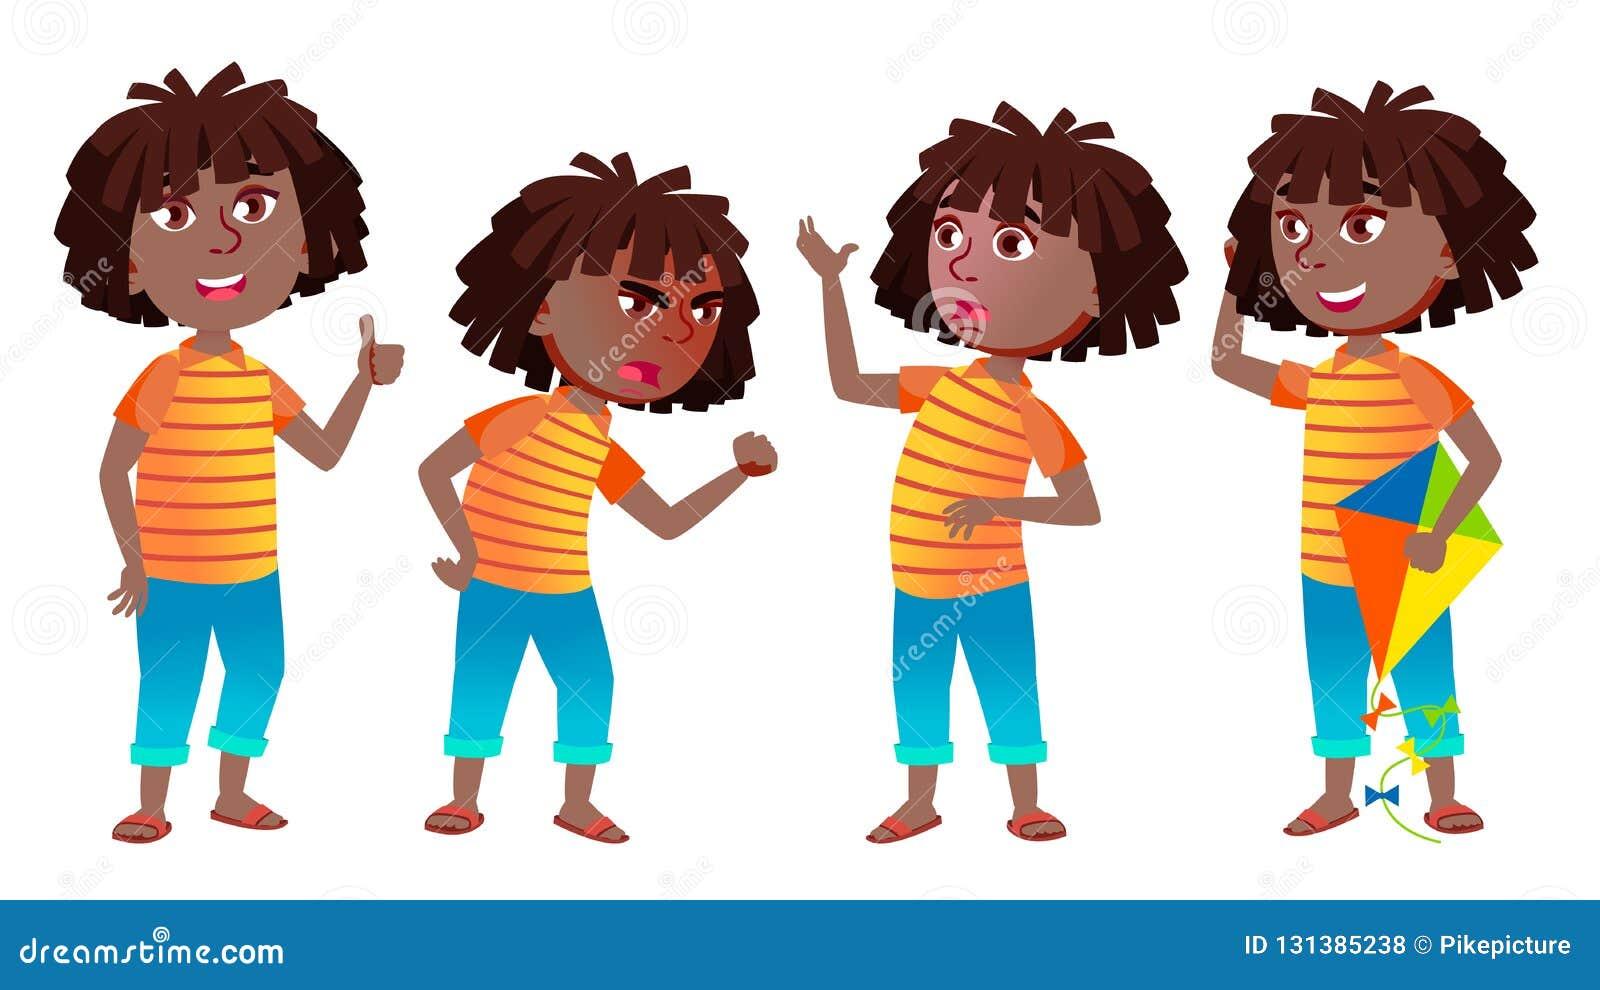 女孩女小学生孩子姿势被设置的传染媒介 投反对票 美国黑人 高中孩子 中等教育 年轻,逗人喜爱,可笑